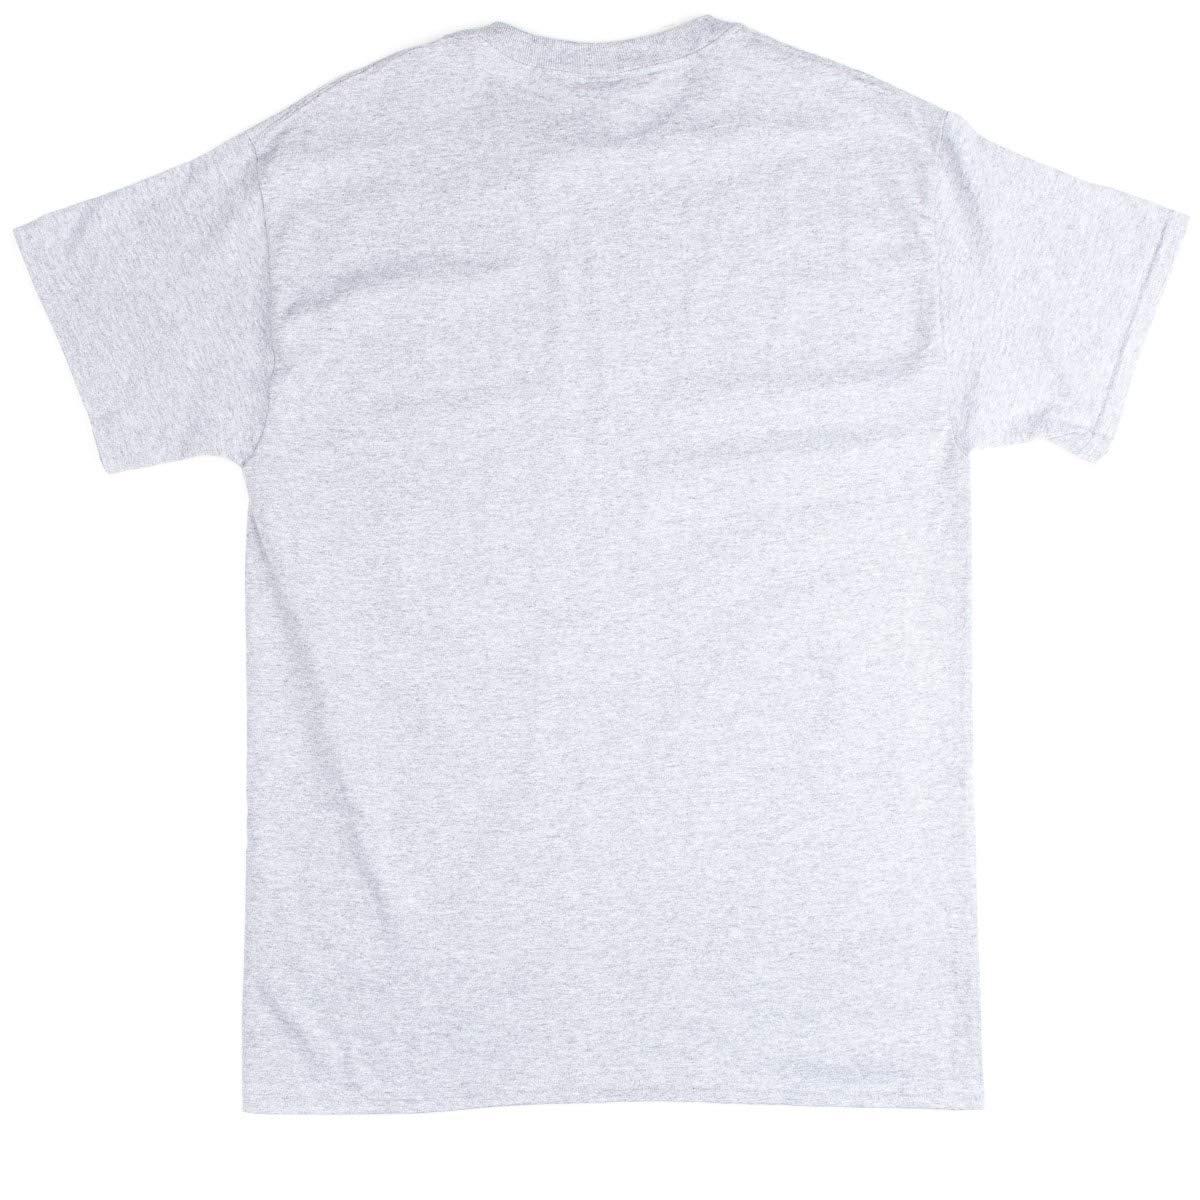 b9b6c2548842 Thrasher Skate Goat T-Shirt - Grey - XL